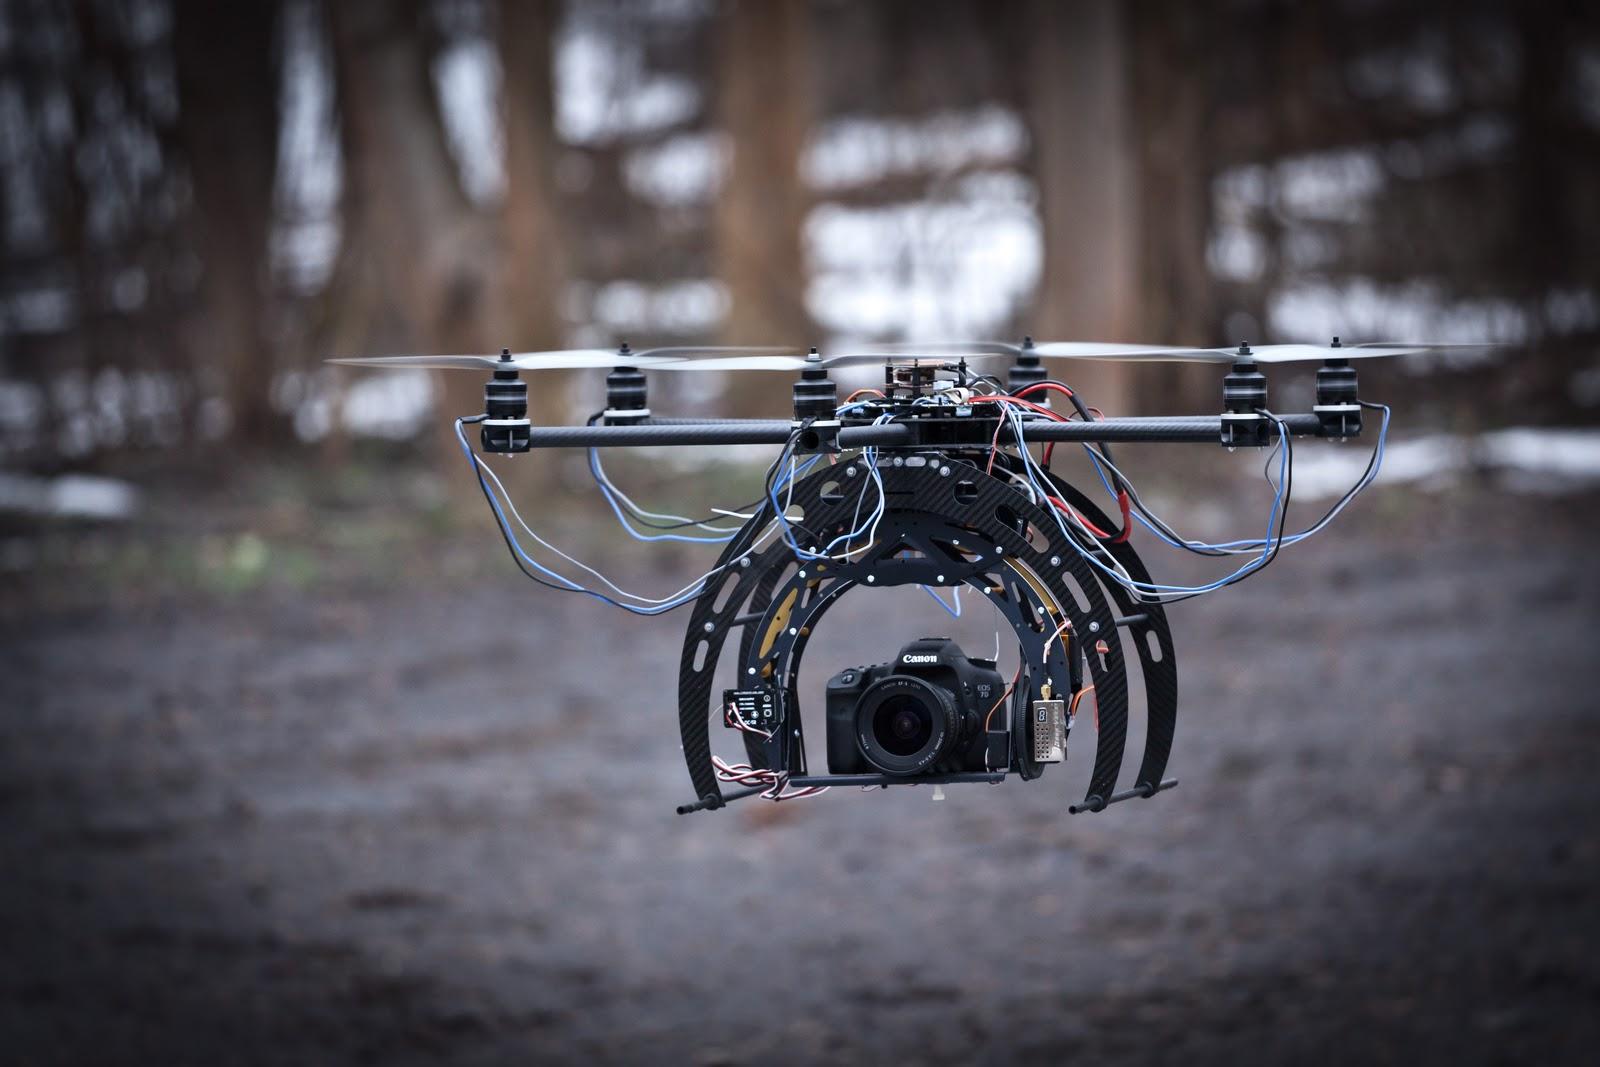 Dalla Terra dei fuochi ad Amazon fino all'Etna, ecco gli ultimi usi civili dei droni